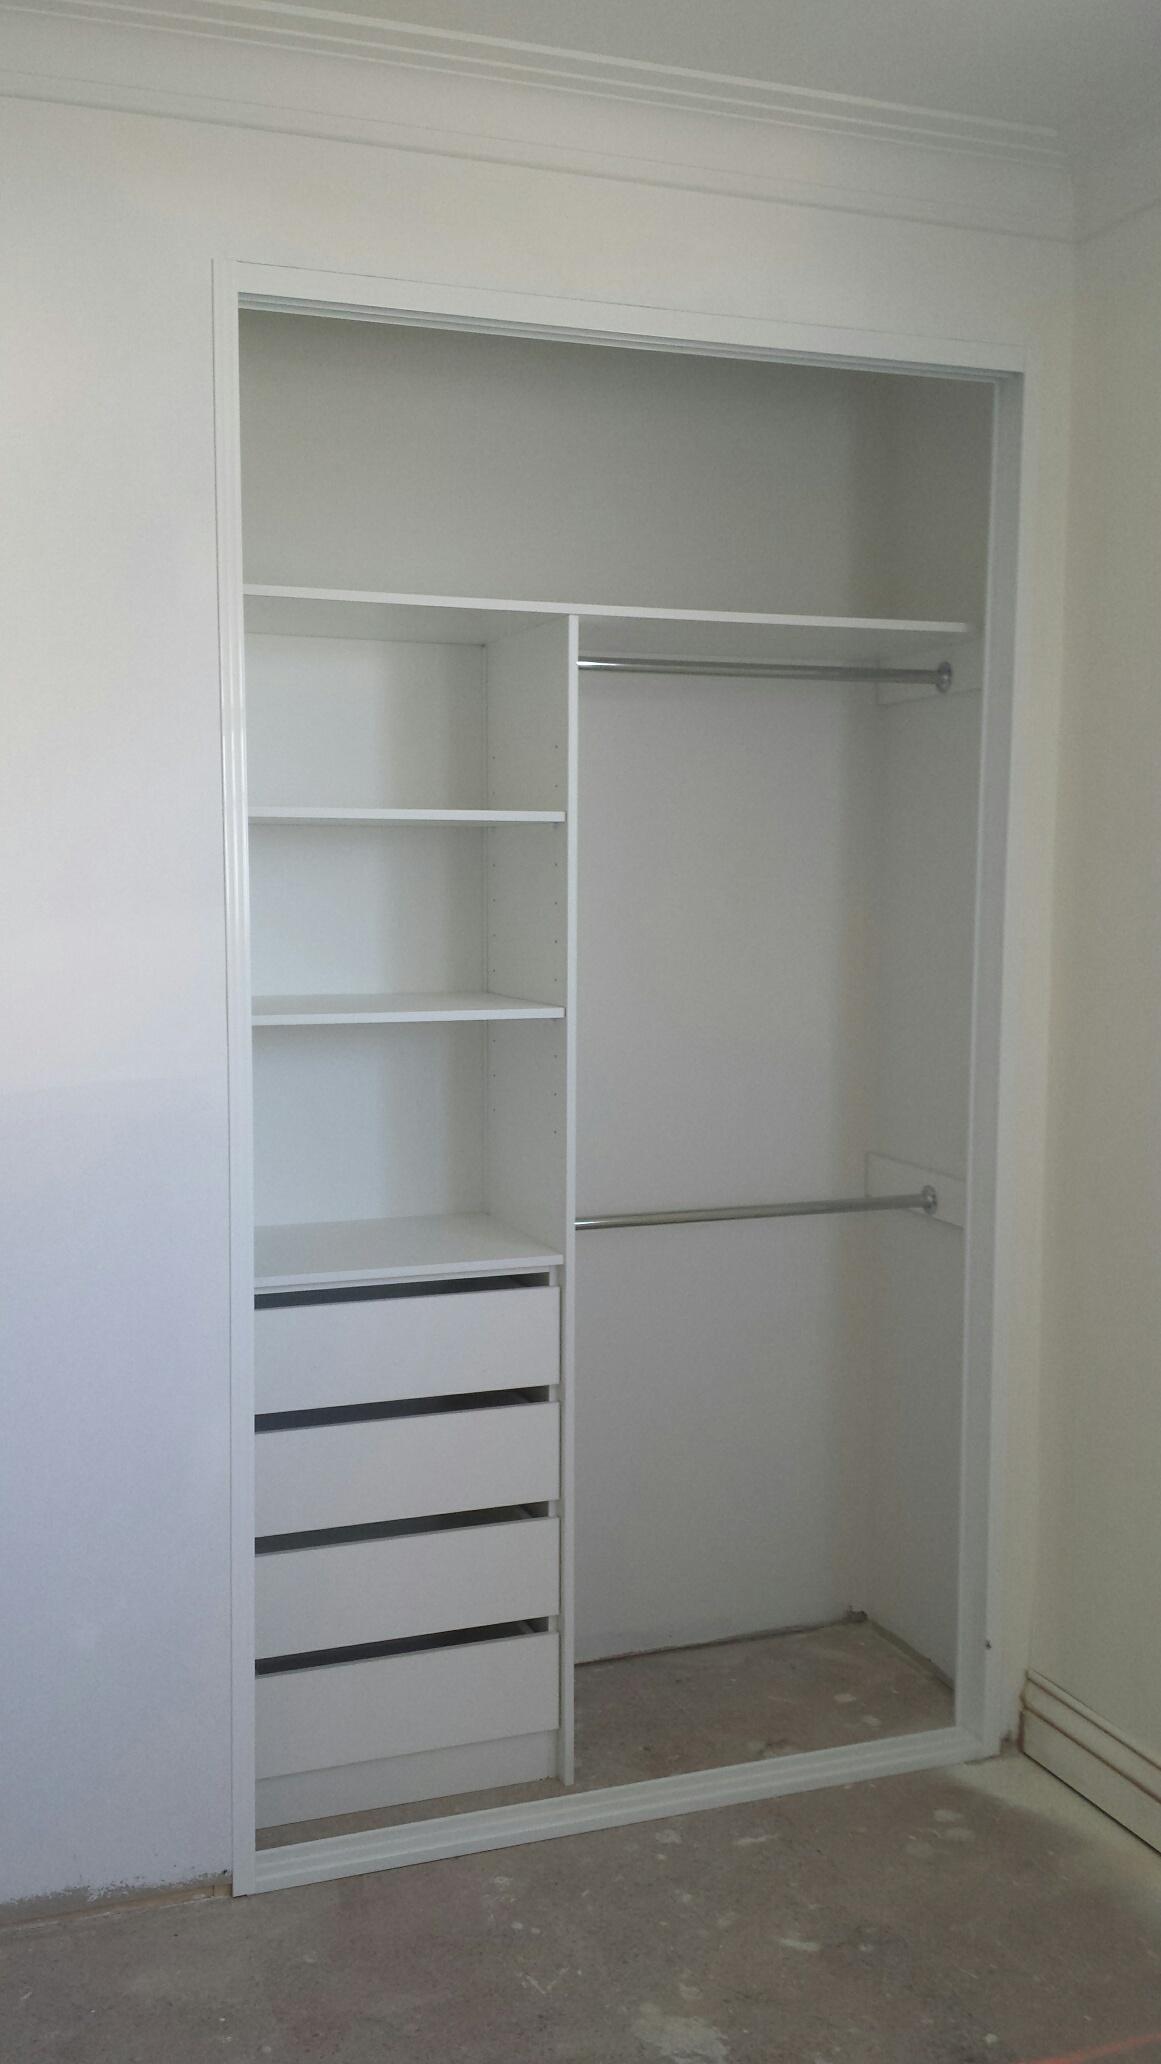 home frontline robes bayswater vic 3153. Black Bedroom Furniture Sets. Home Design Ideas